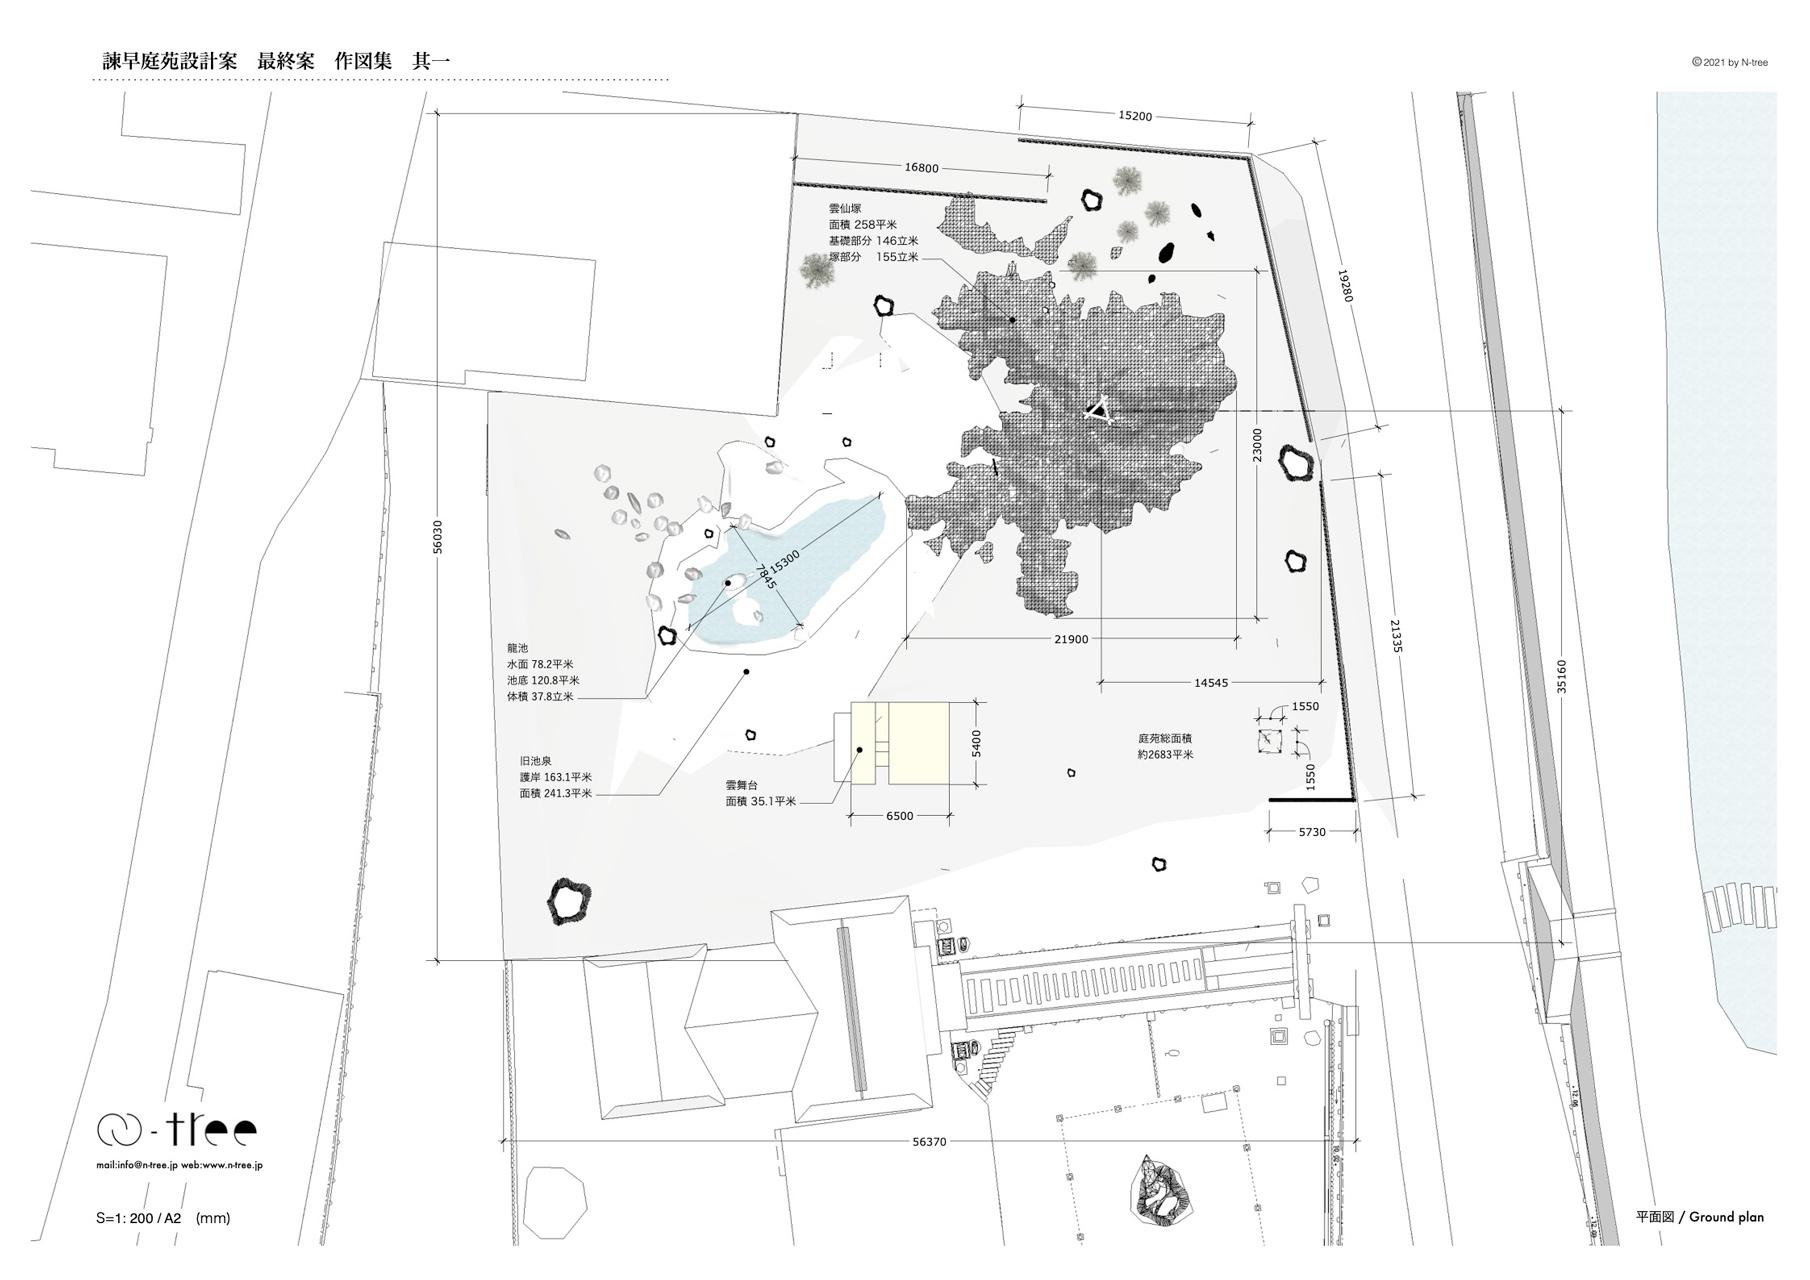 庭苑設計案 4th 「最終案」図案集